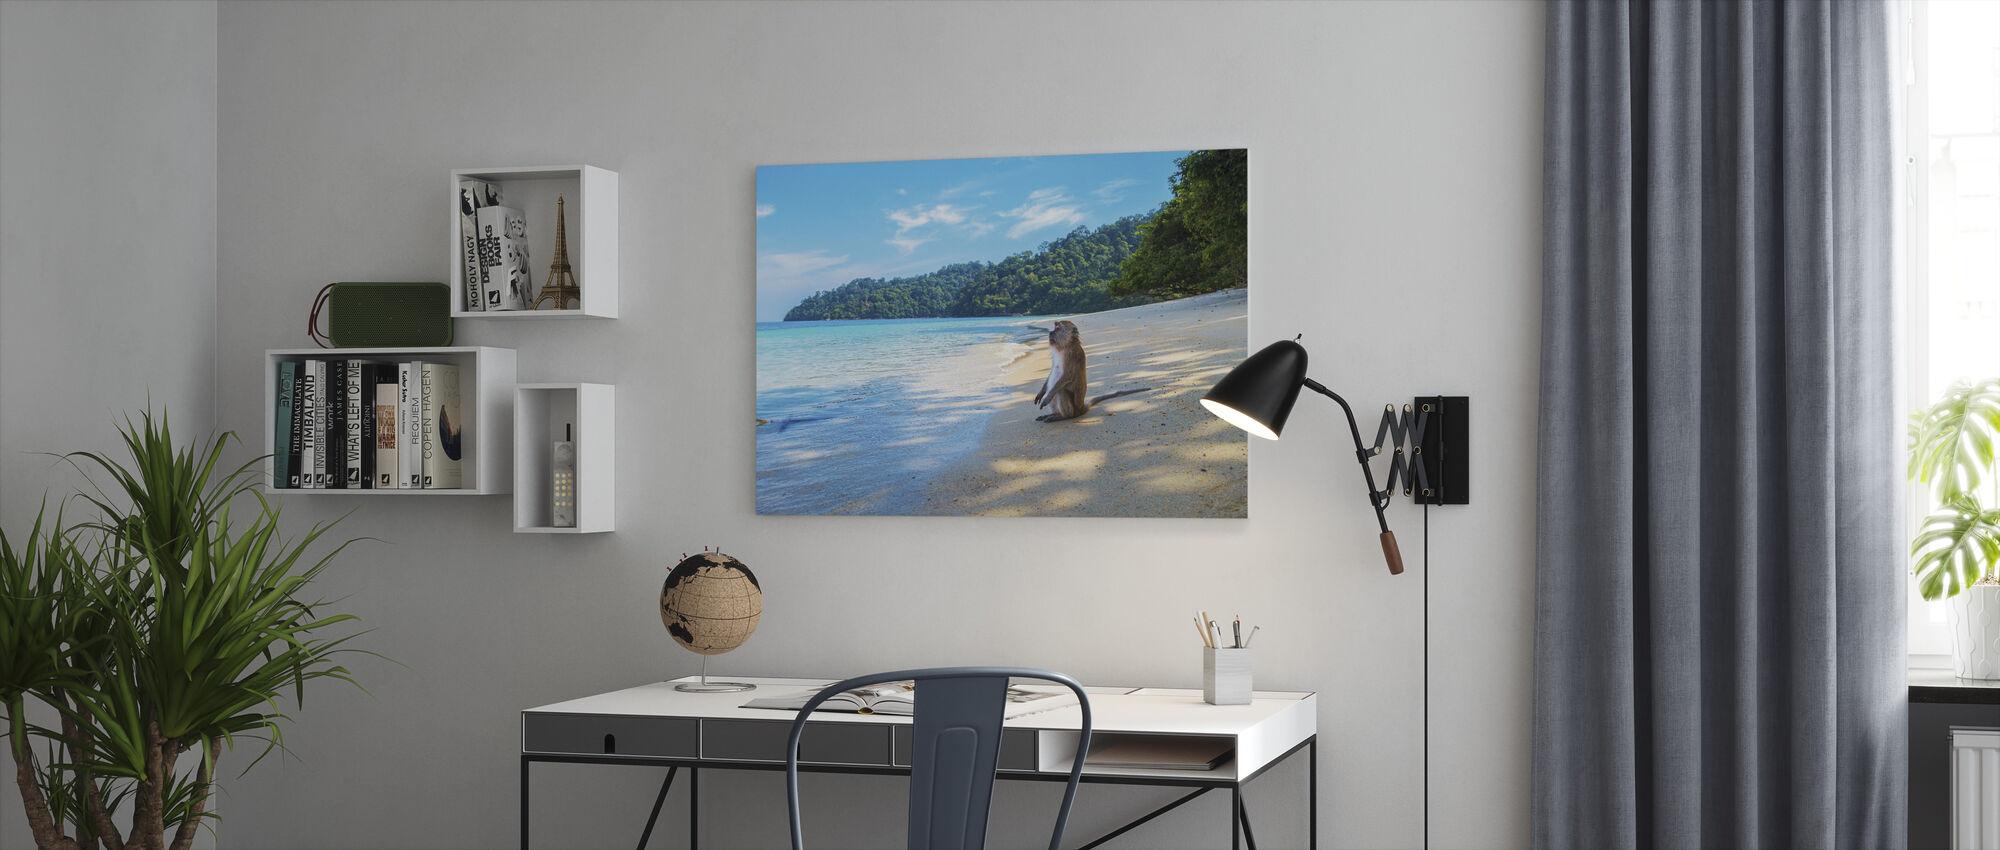 Apa vid stranden - Canvastavla - Kontor